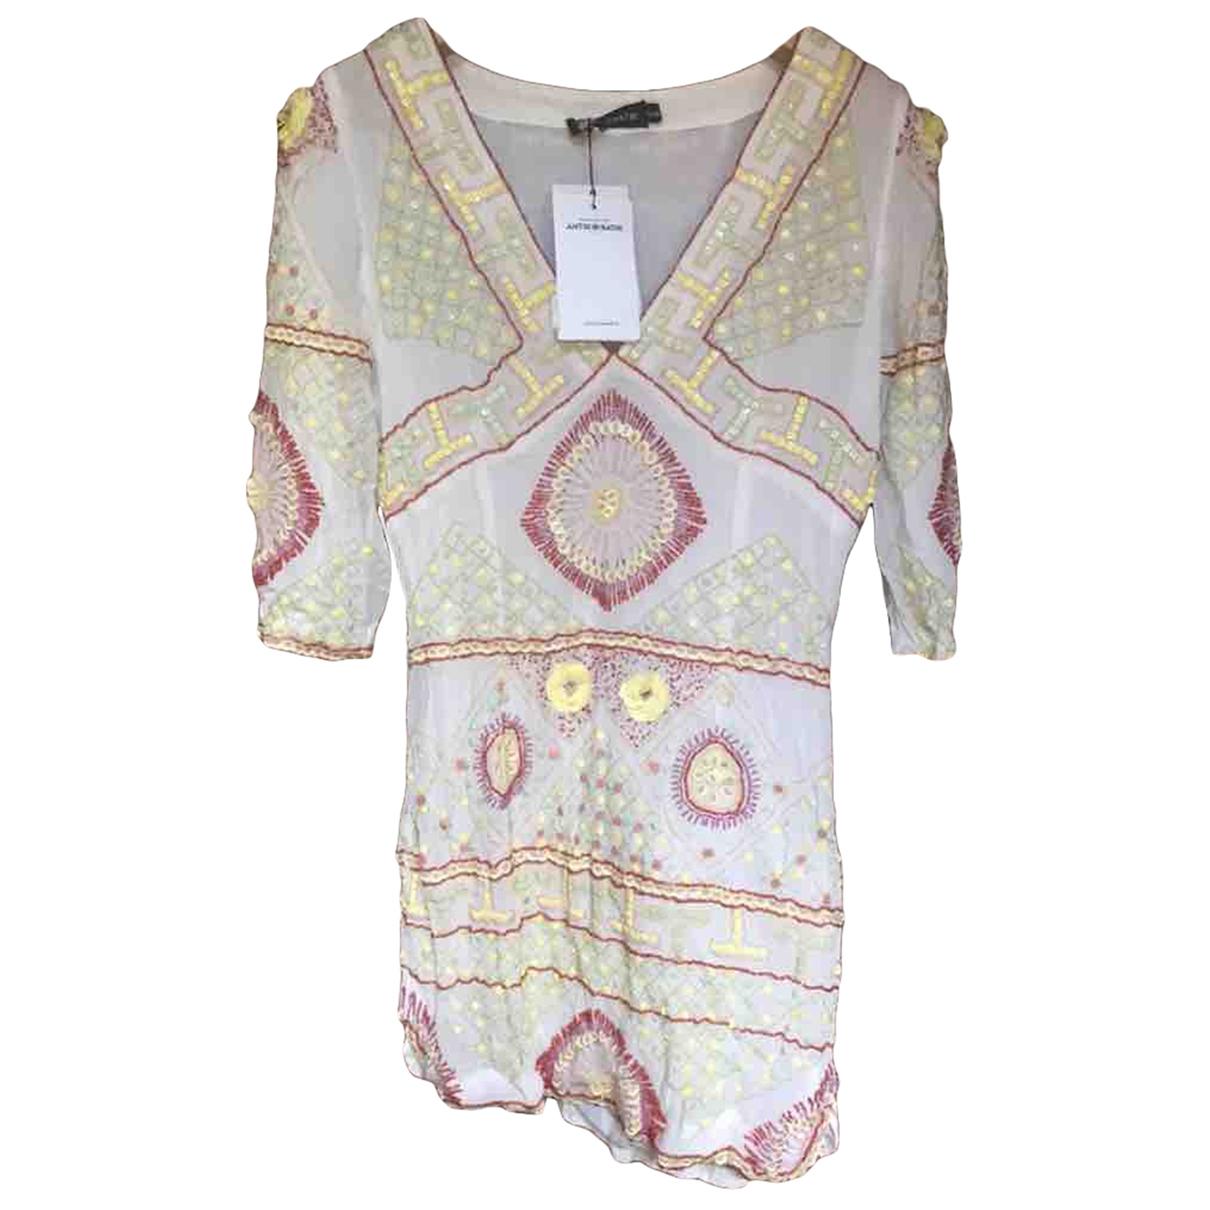 Antik Batik \N Kleid in  Ecru Baumwolle